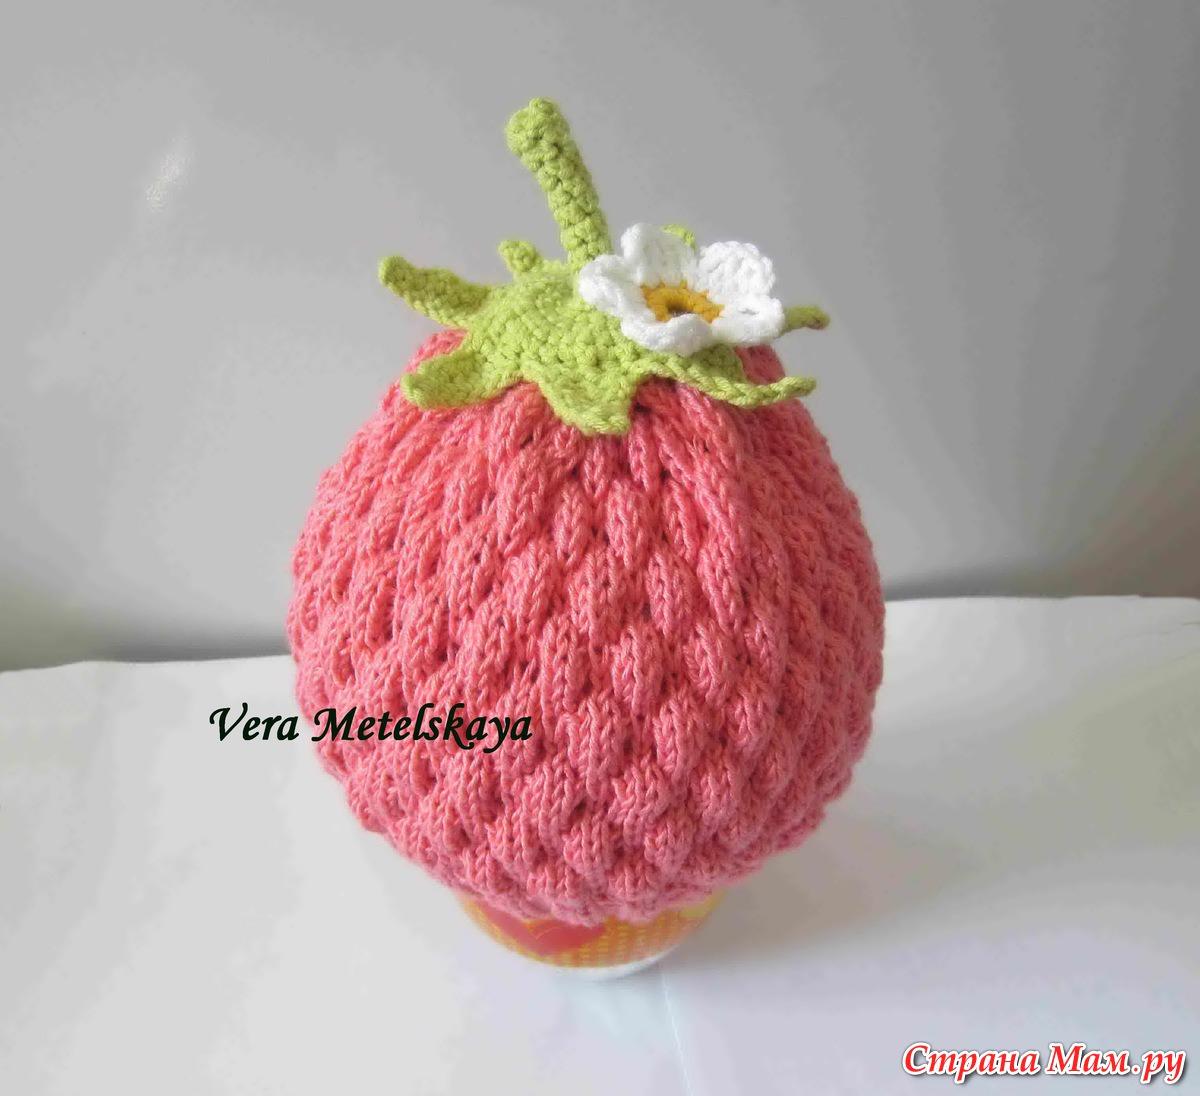 Вязание спицами шапки ягодка